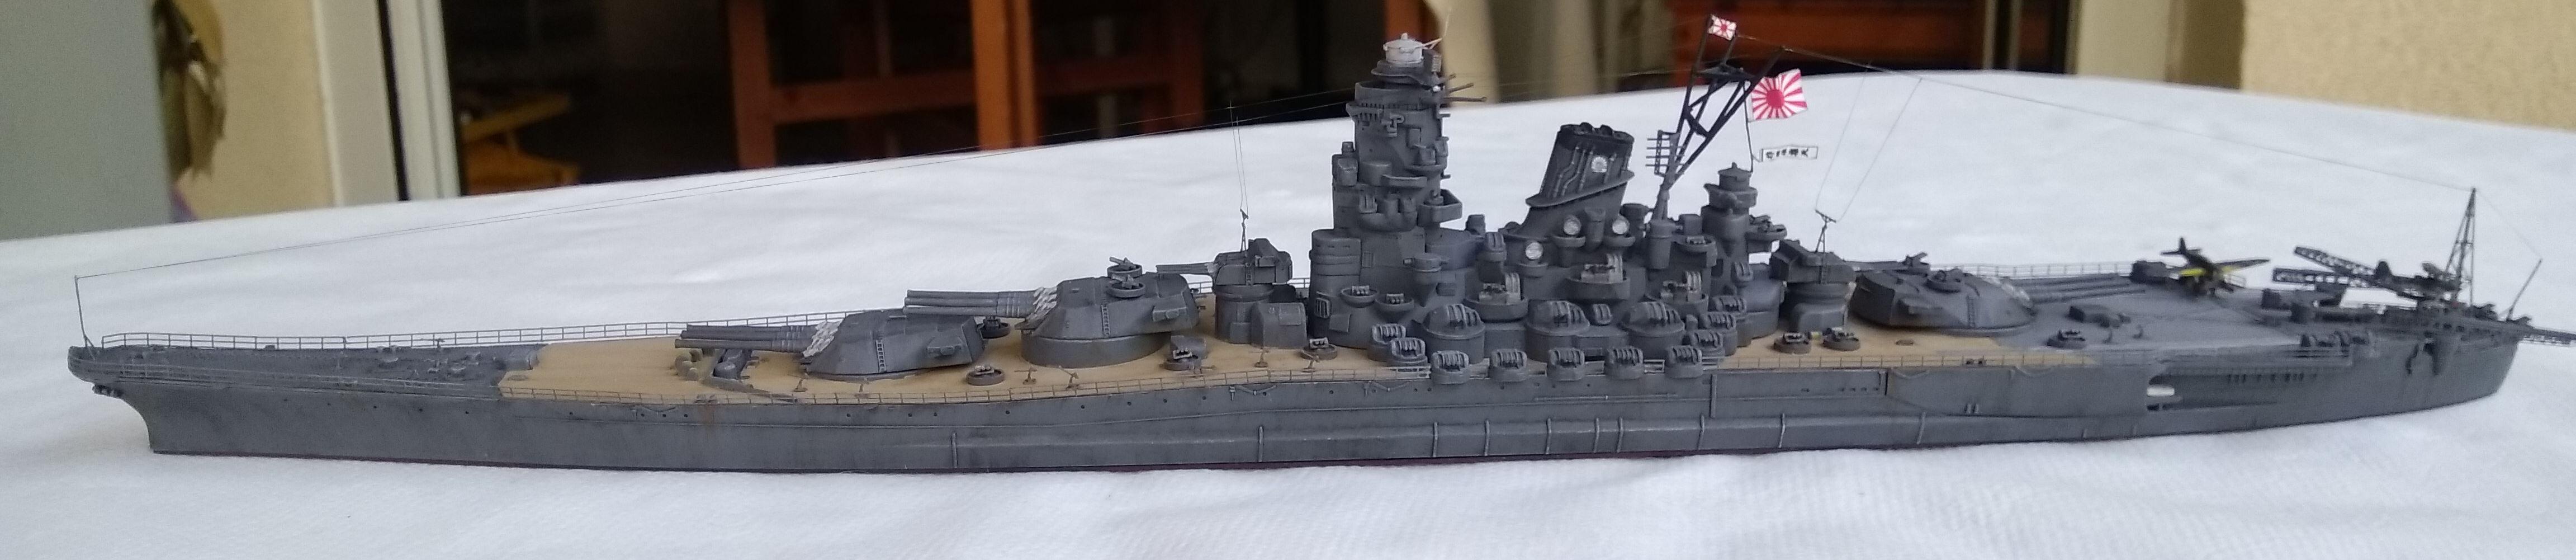 Yamato 1/700e Tamiya Yamato36